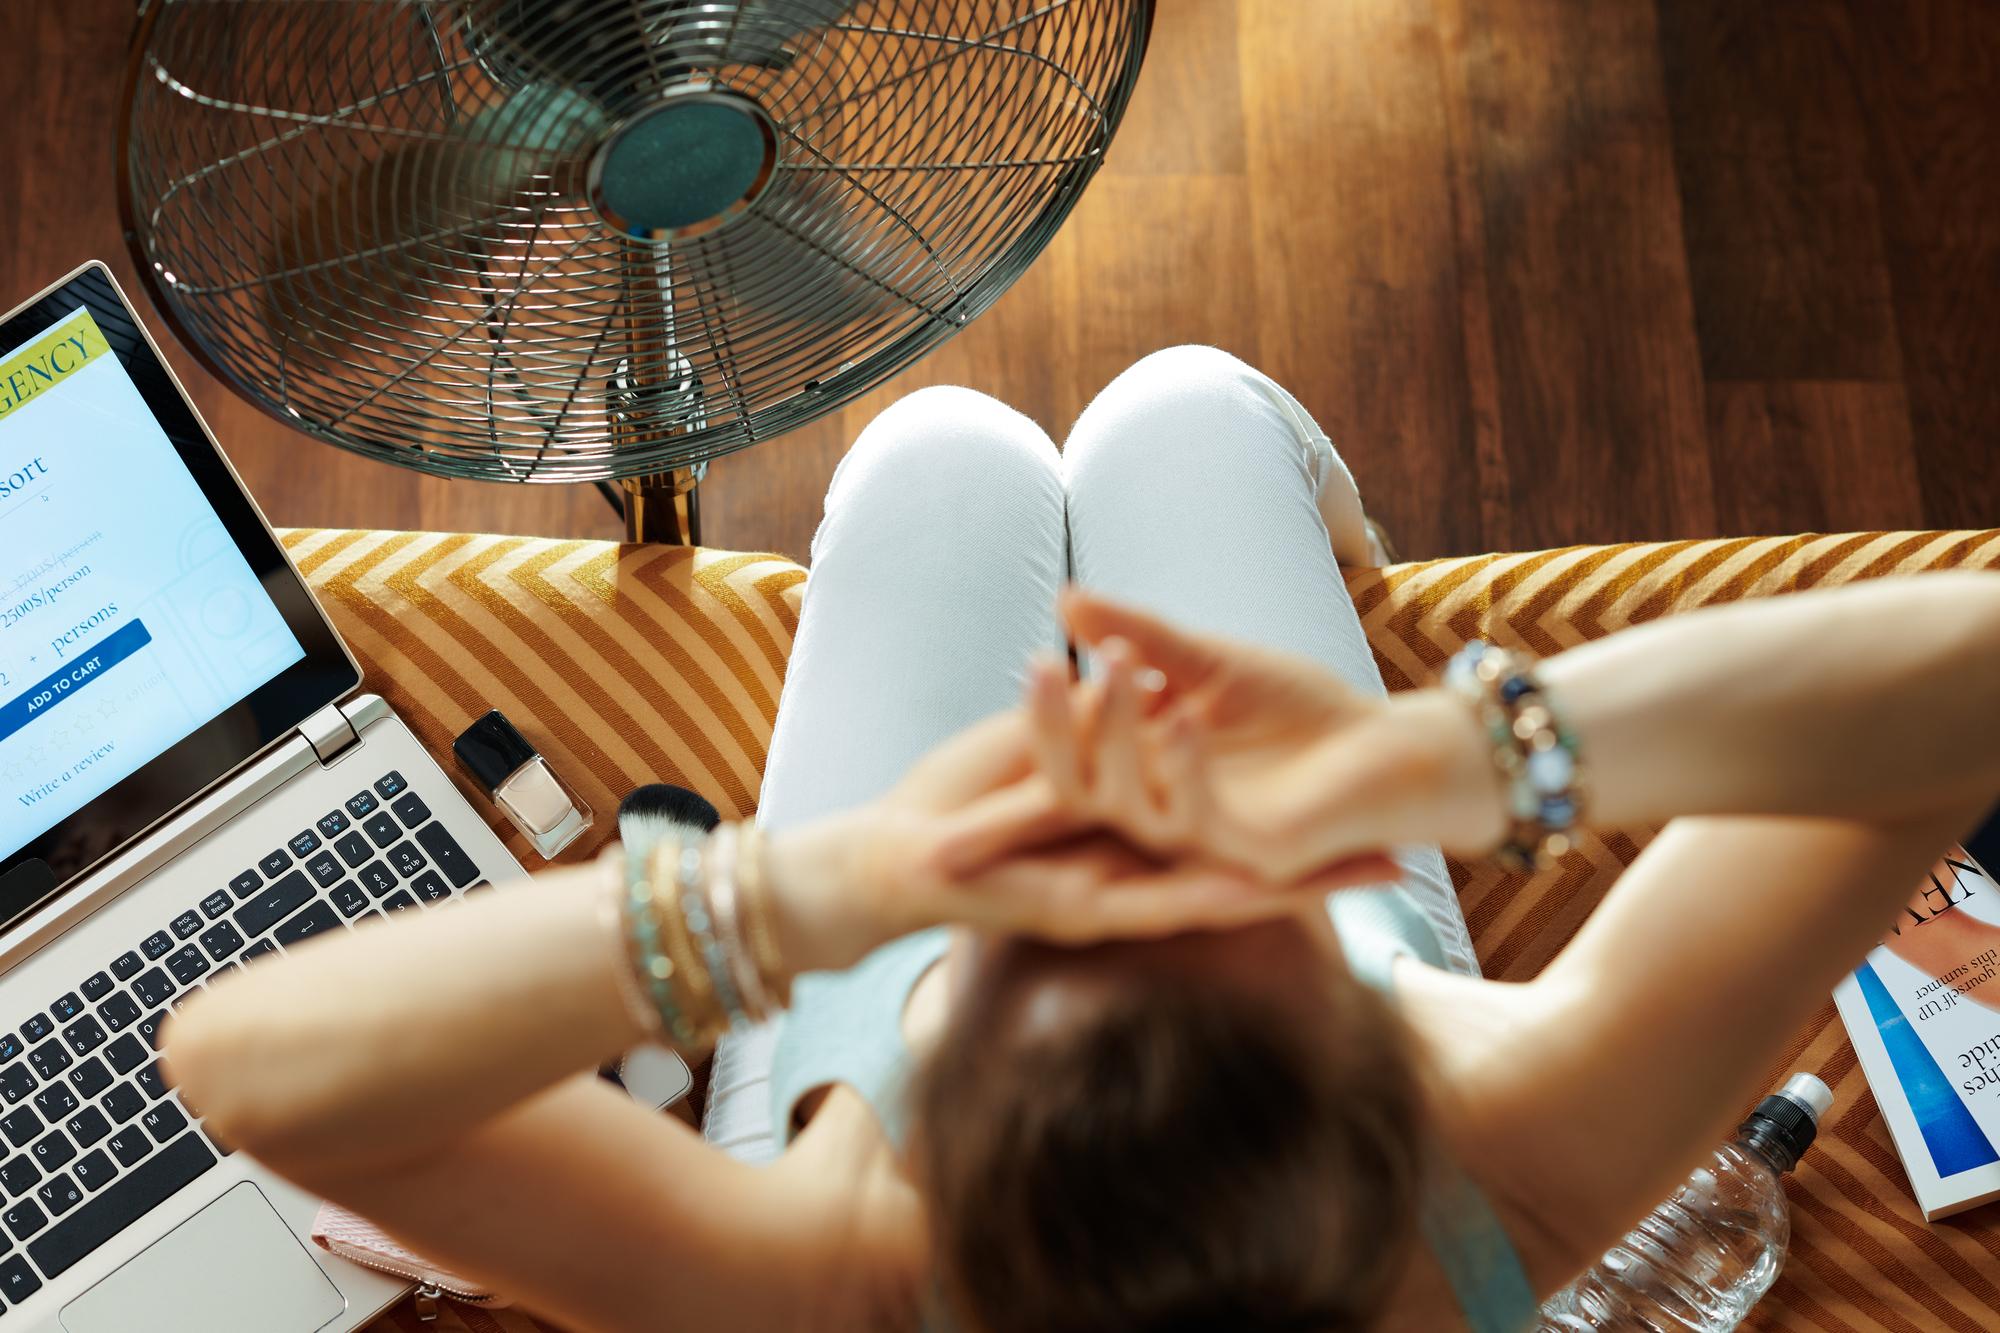 夏でも快適!ひんやりマスクで夏のコロナ対策|TIME SHARING|タイムシェアリング |スペースマネジメント|あどばる|adval|SHARING